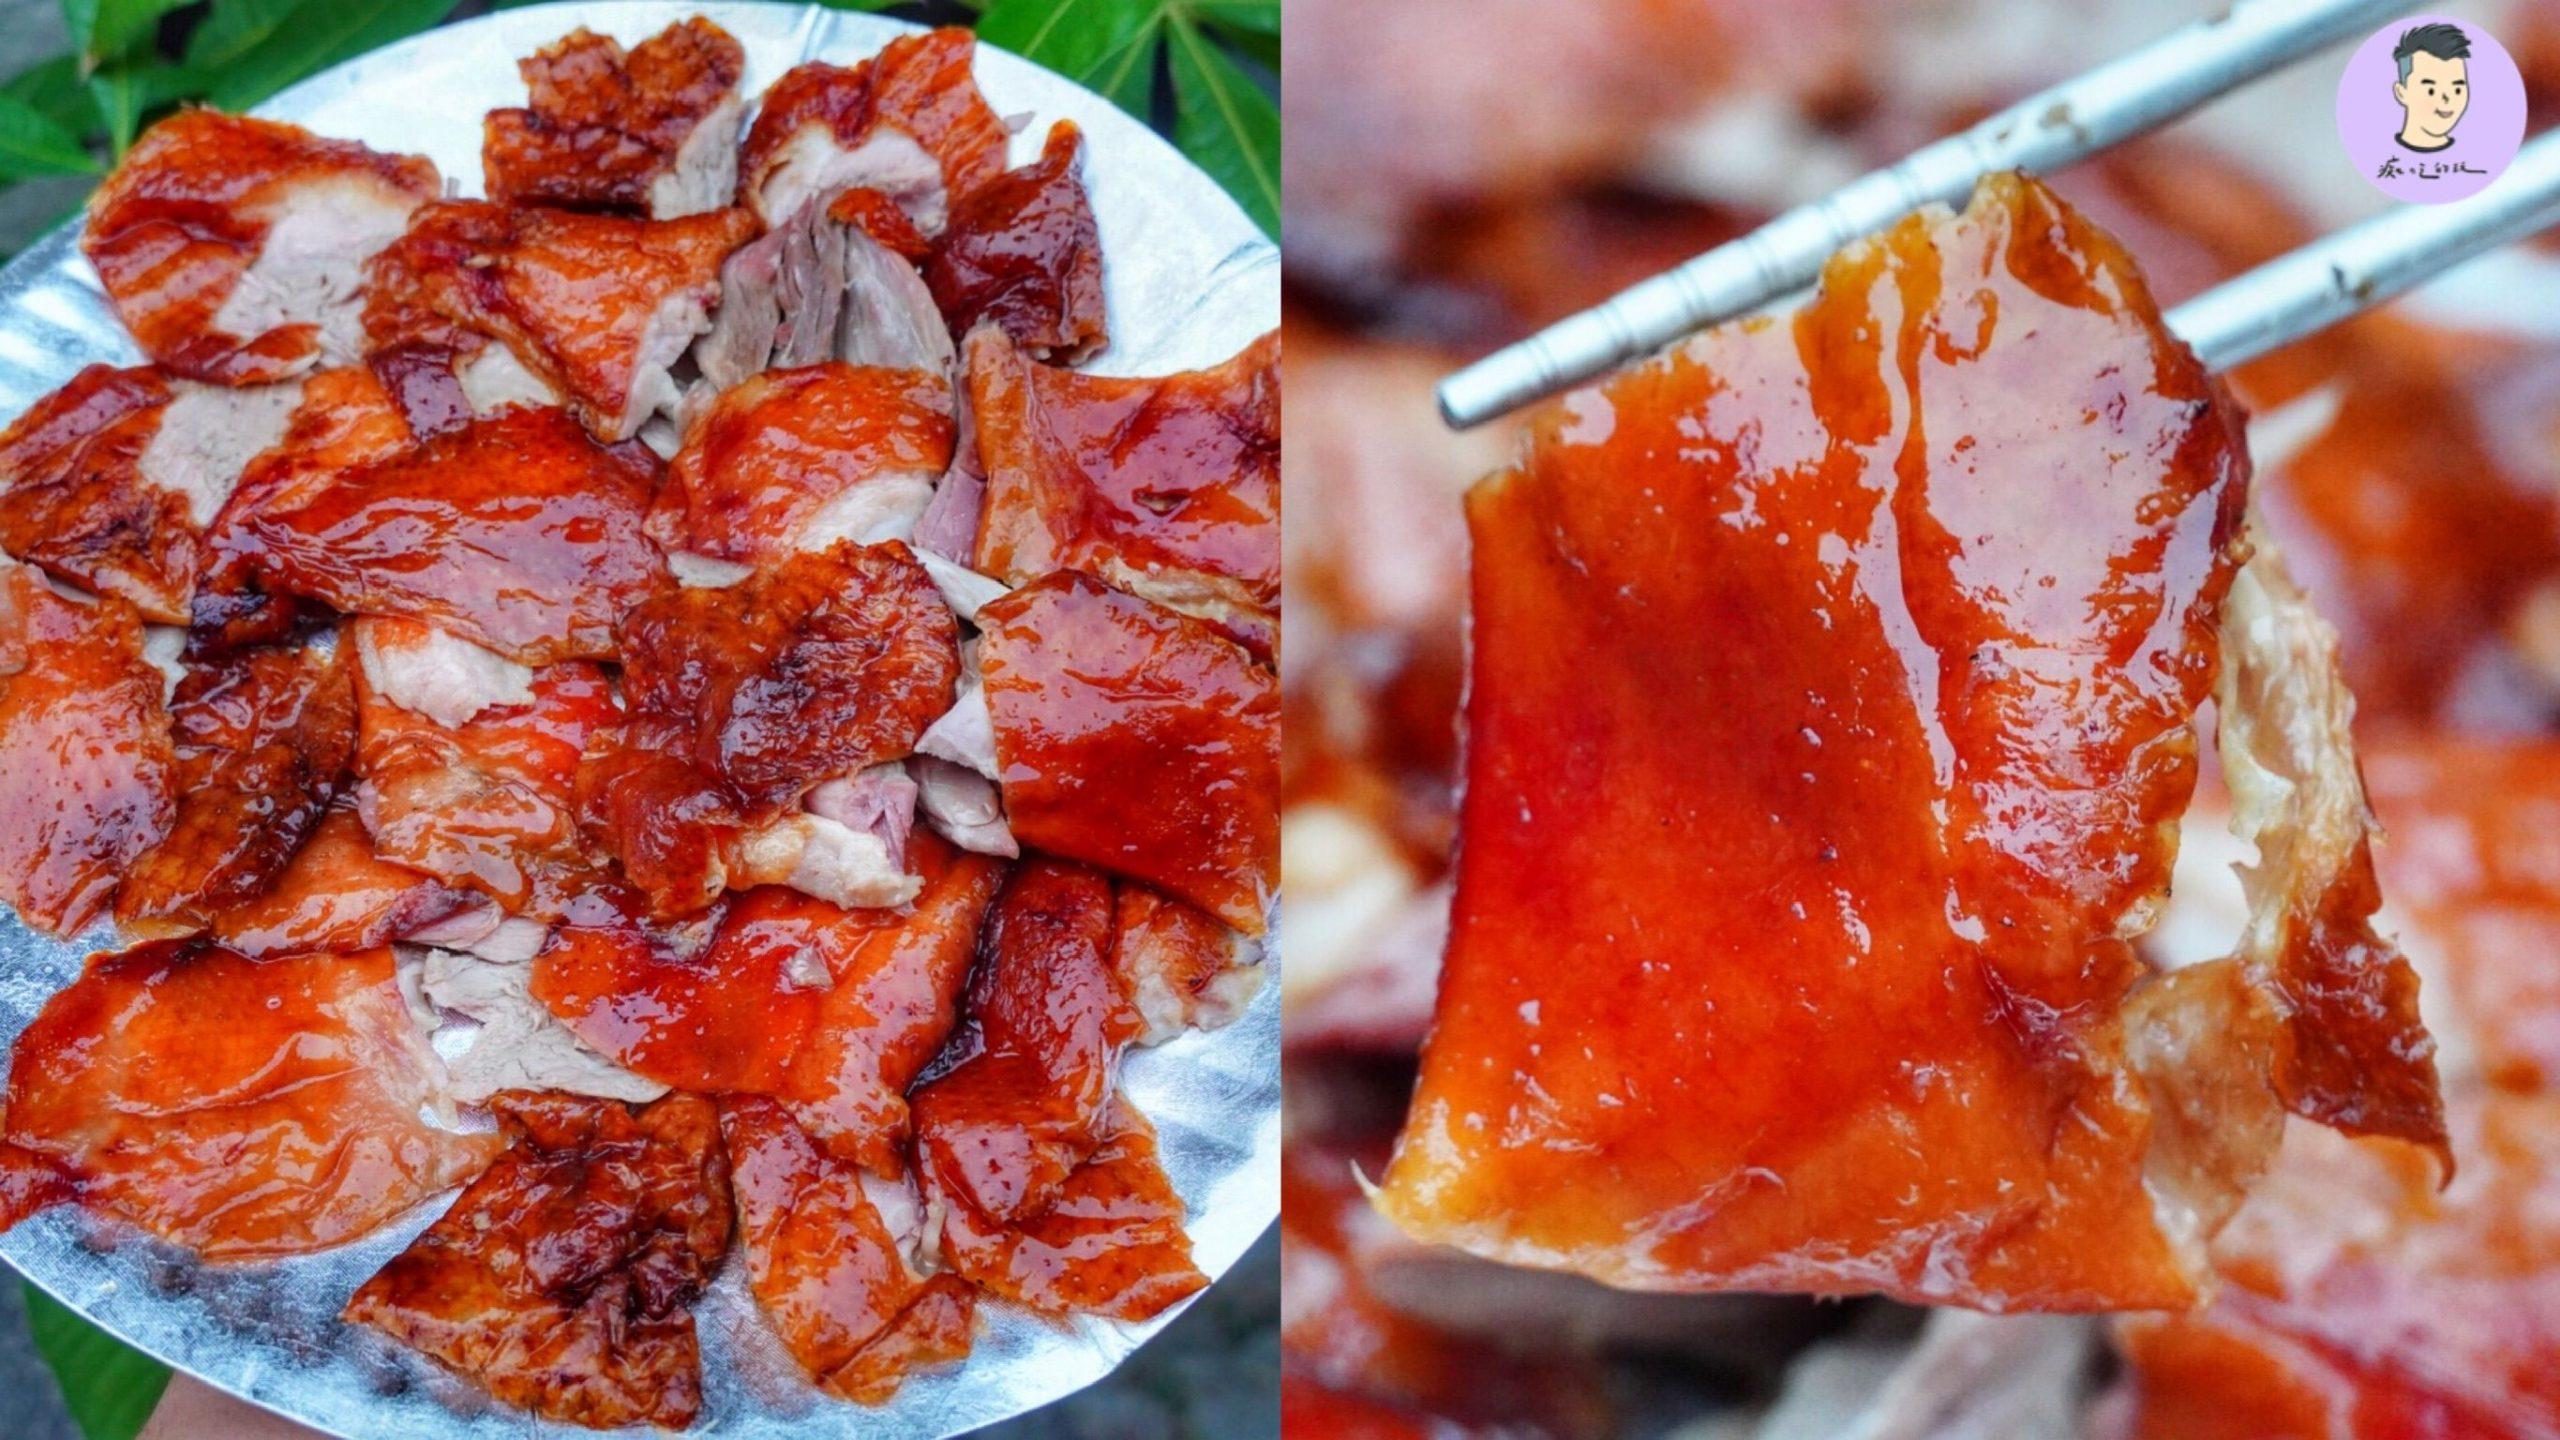 【台南美食】被網友譽為台南最強烤鴨!?大成路北京烤鴨 脆皮肉多汁神美味 想吃絕對要提早預訂